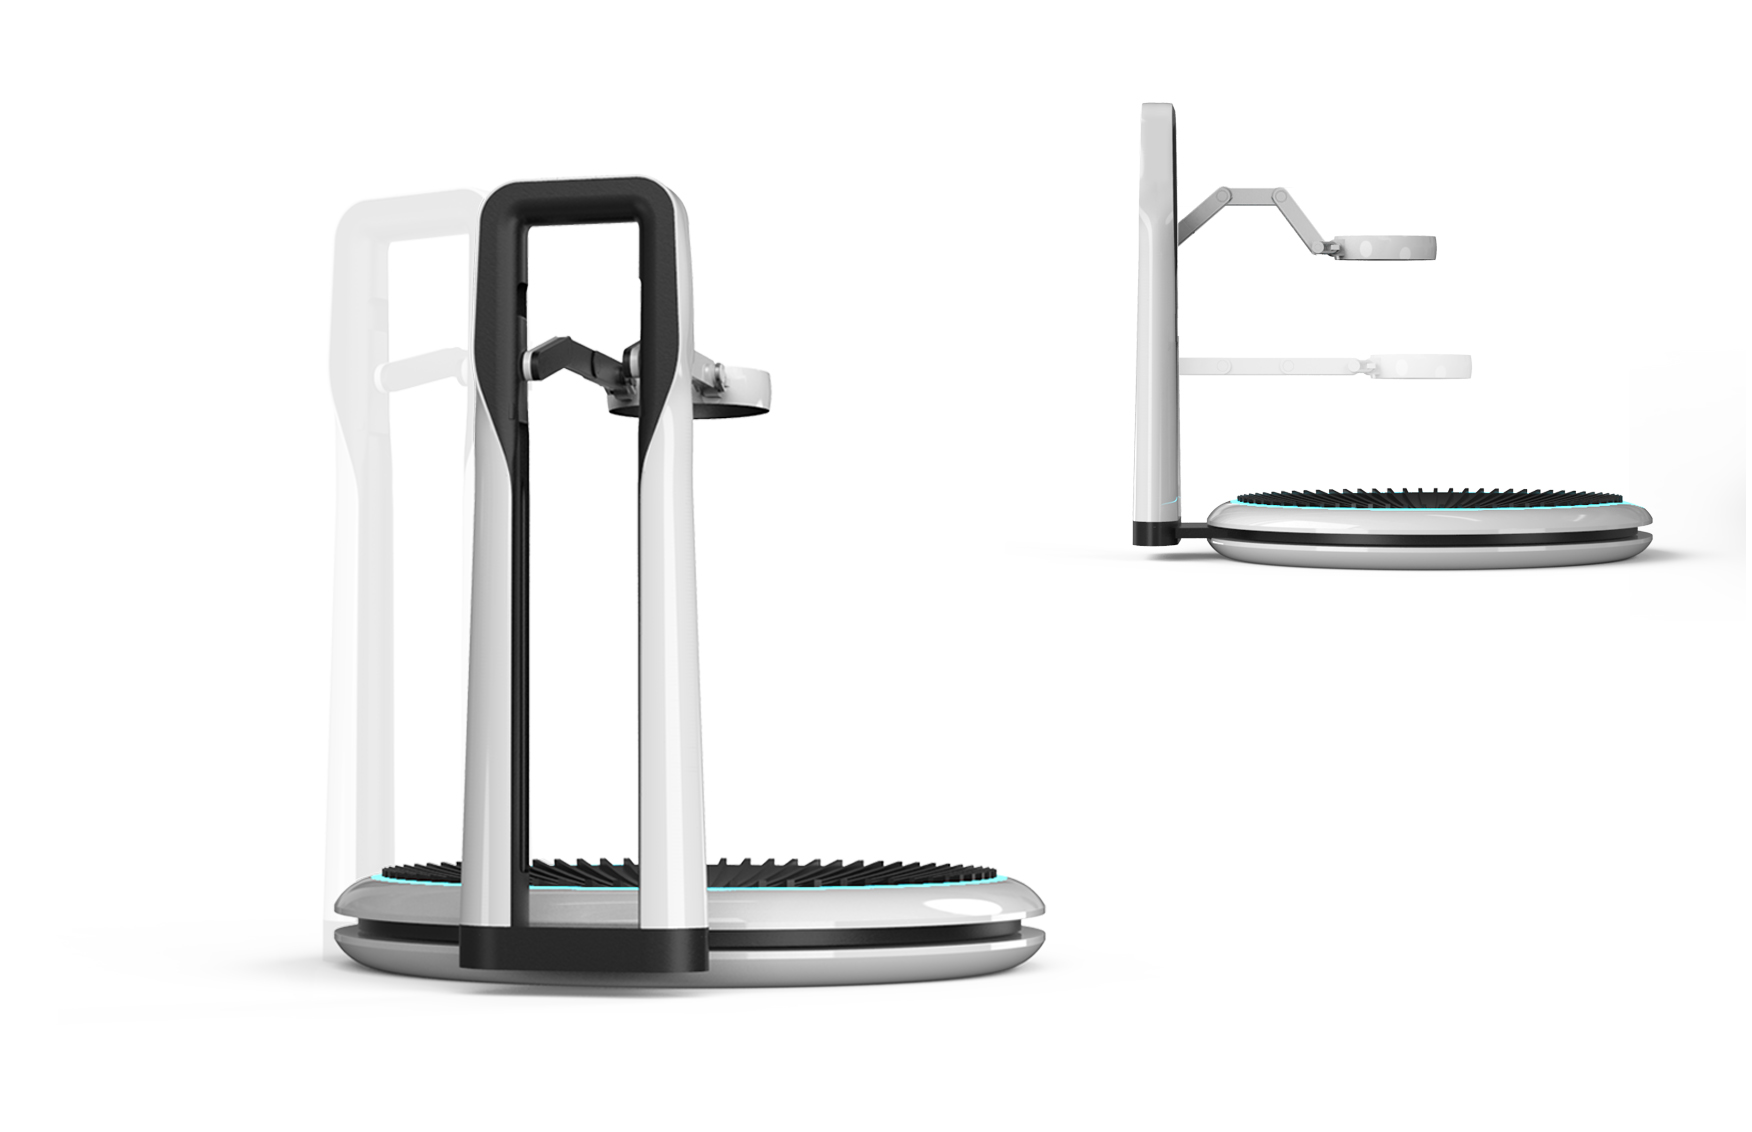 VR treadmill design_2.jpg